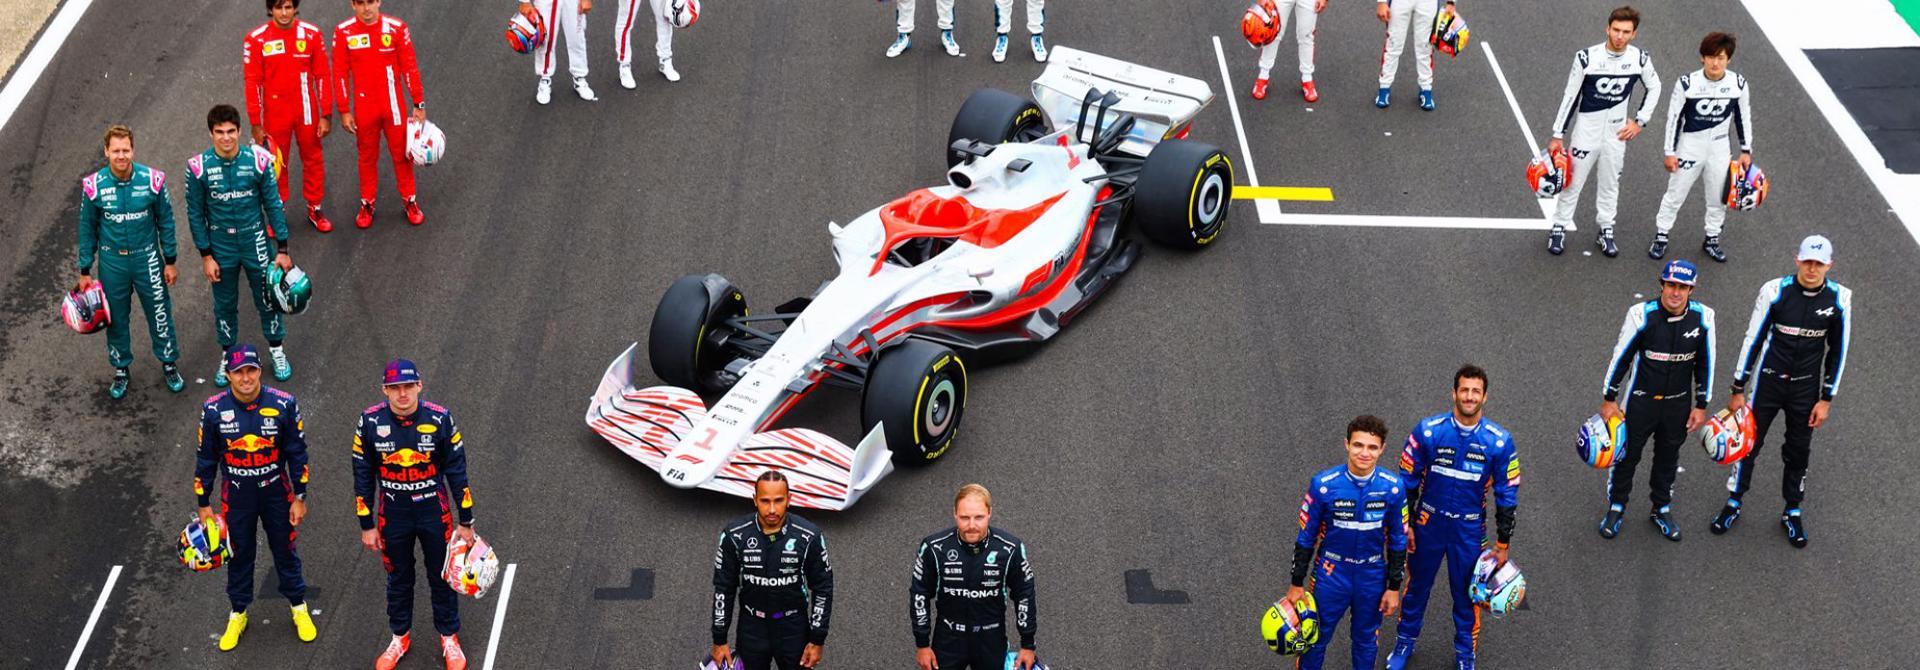 Xe F1 mùa giải 2022 sẽ thay đổi như thế nào?